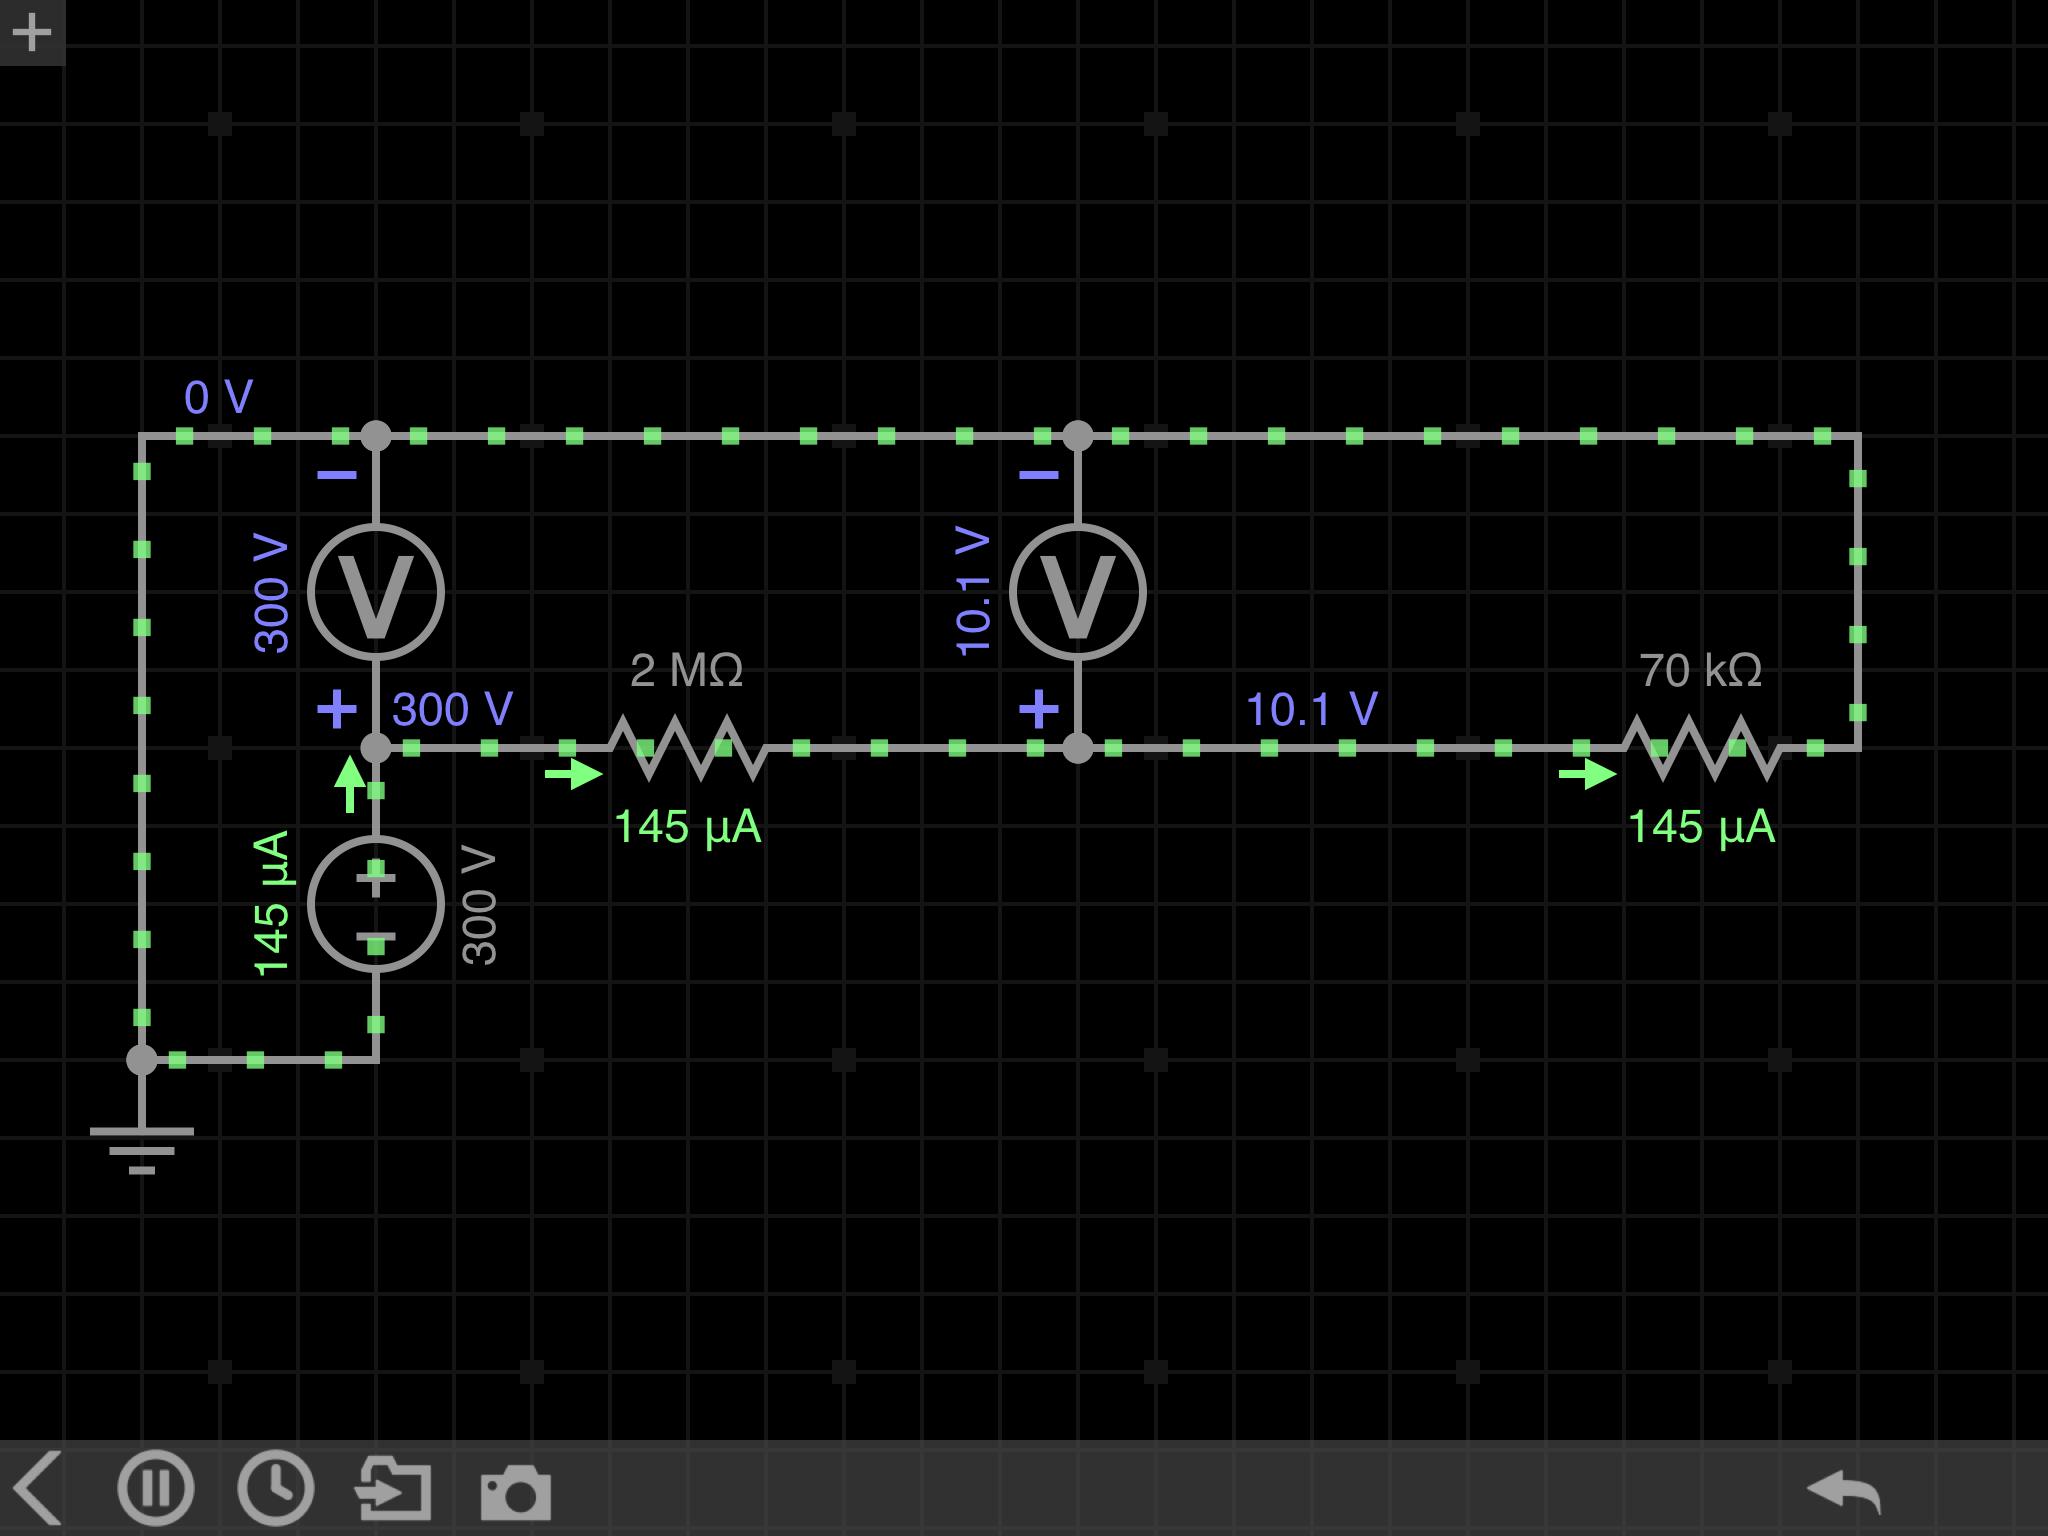 E2EA0941-4321-4FD2-94EE-FE63C65BB6CC.png